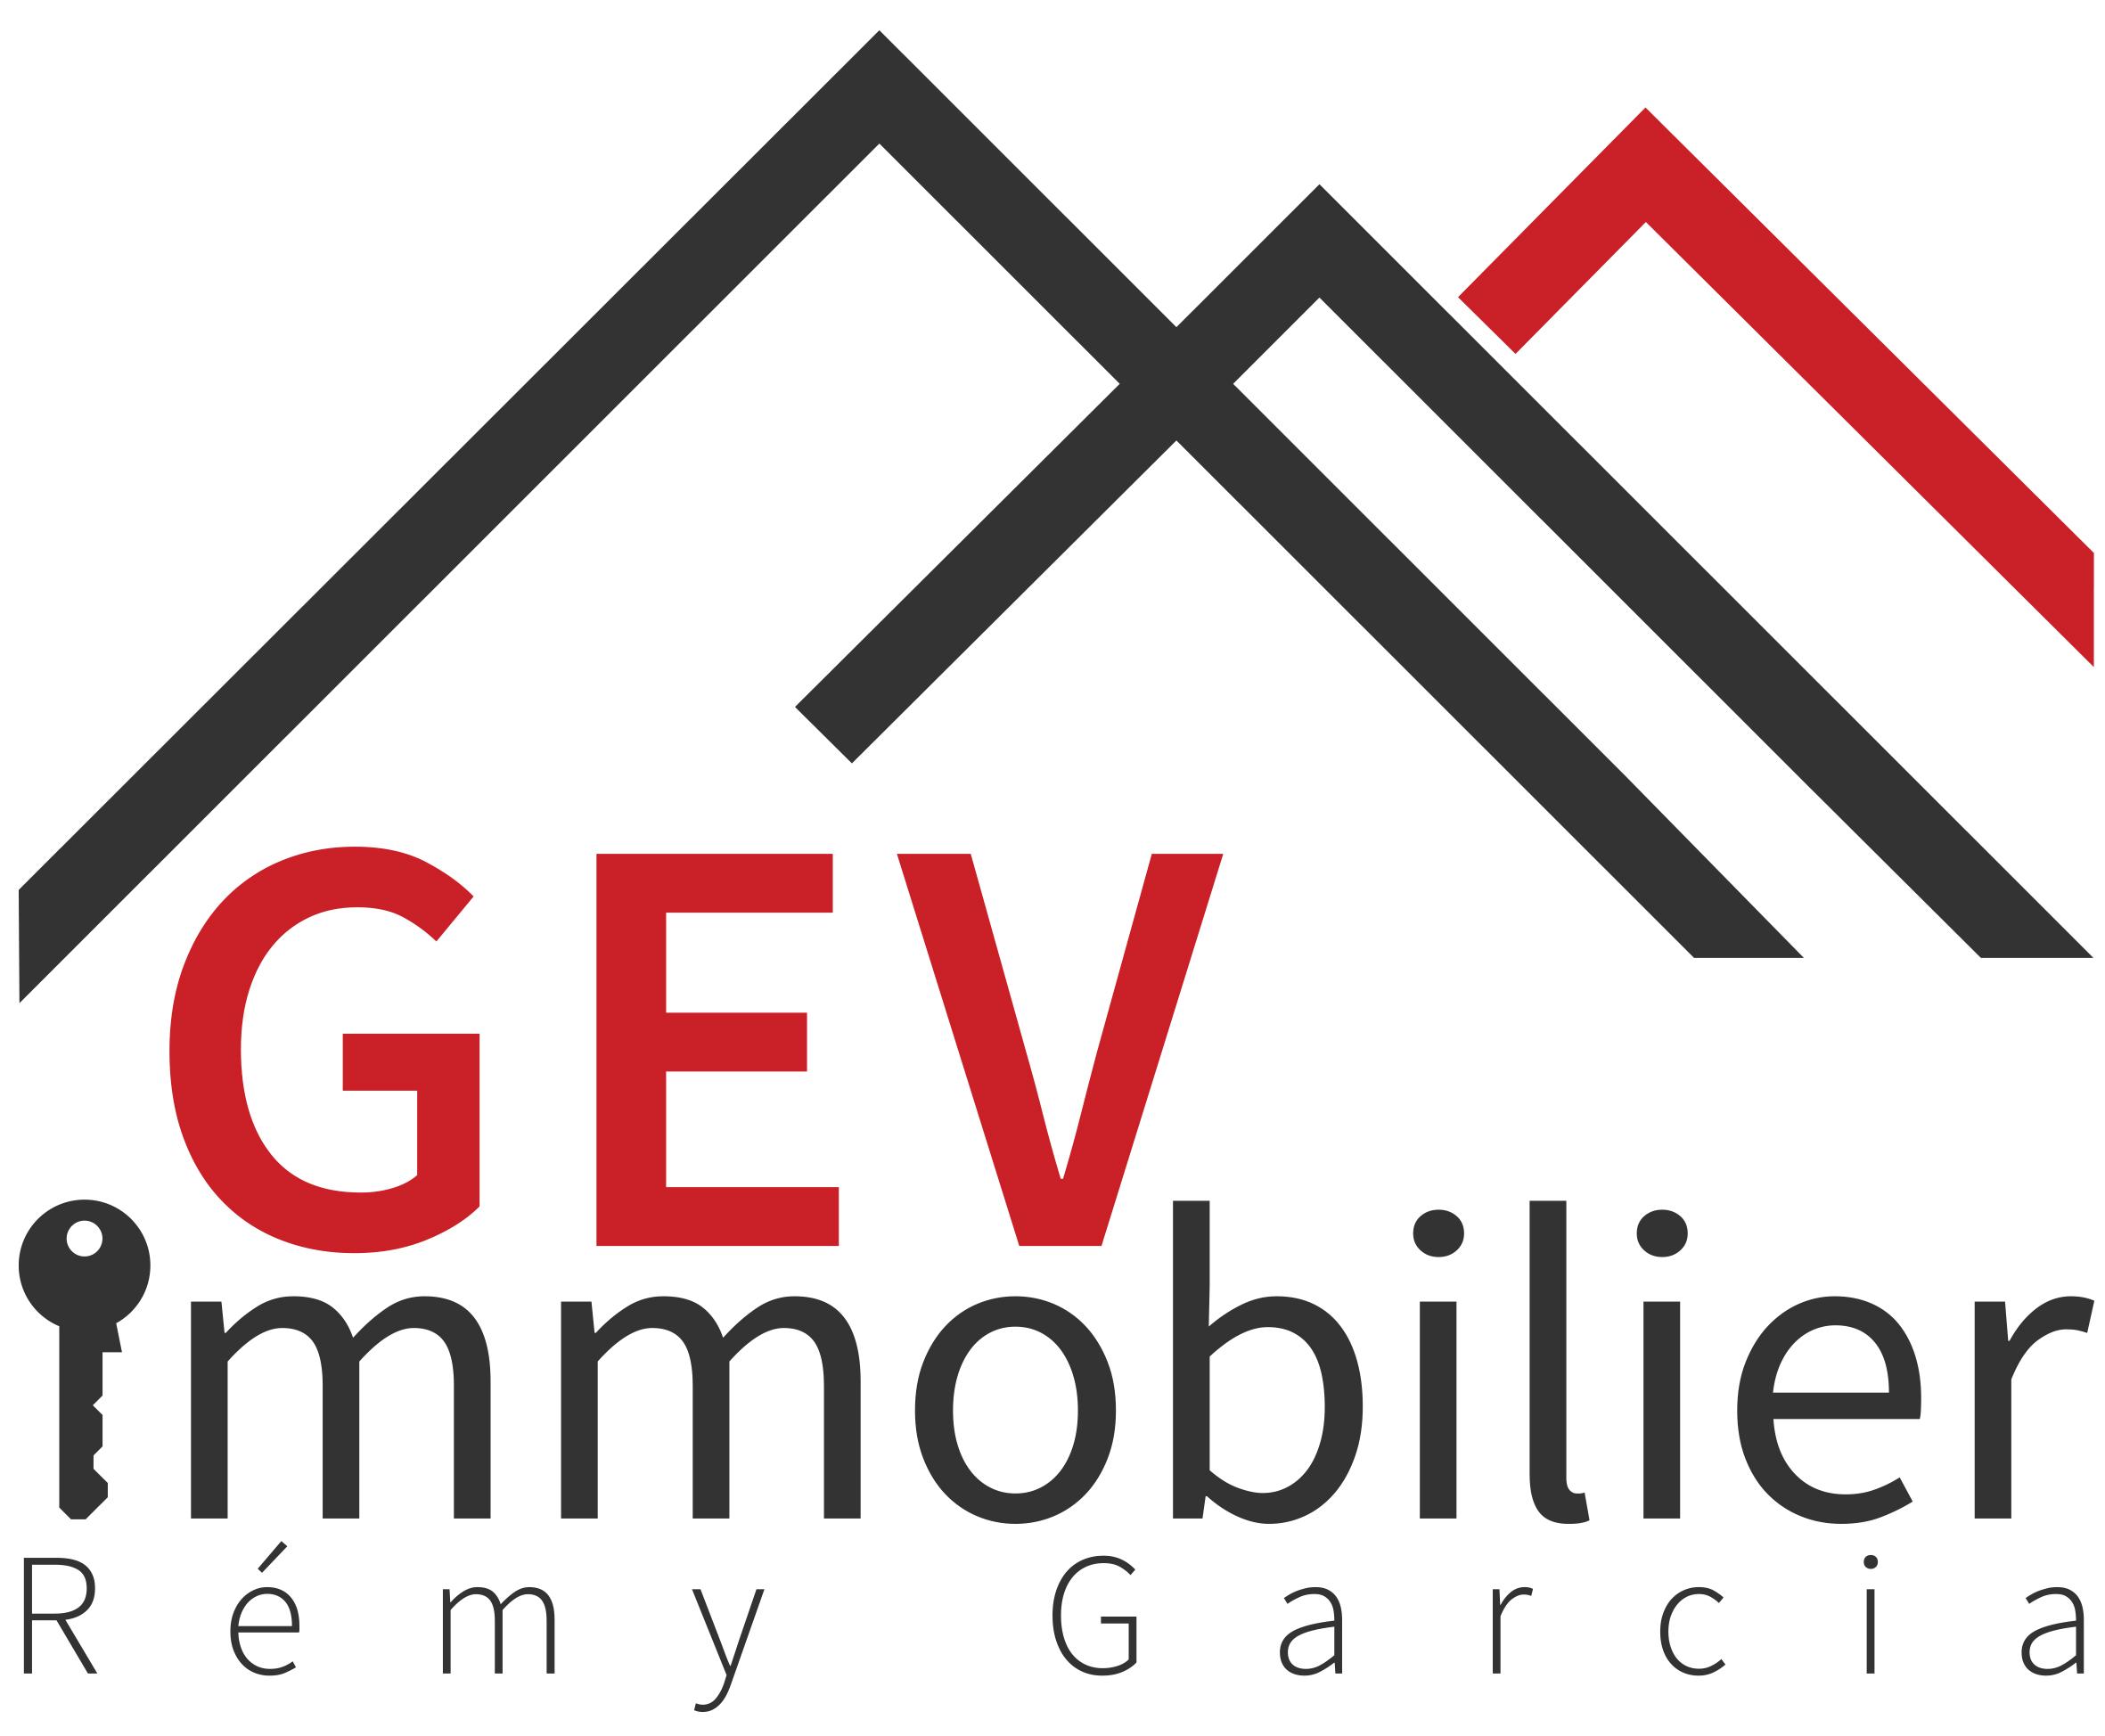 """<a href=""""http://gev-immobilier.fr/"""" target=""""_blank"""" rel=""""noopener"""">Visitez le site web de GEV Immobilier</a>"""